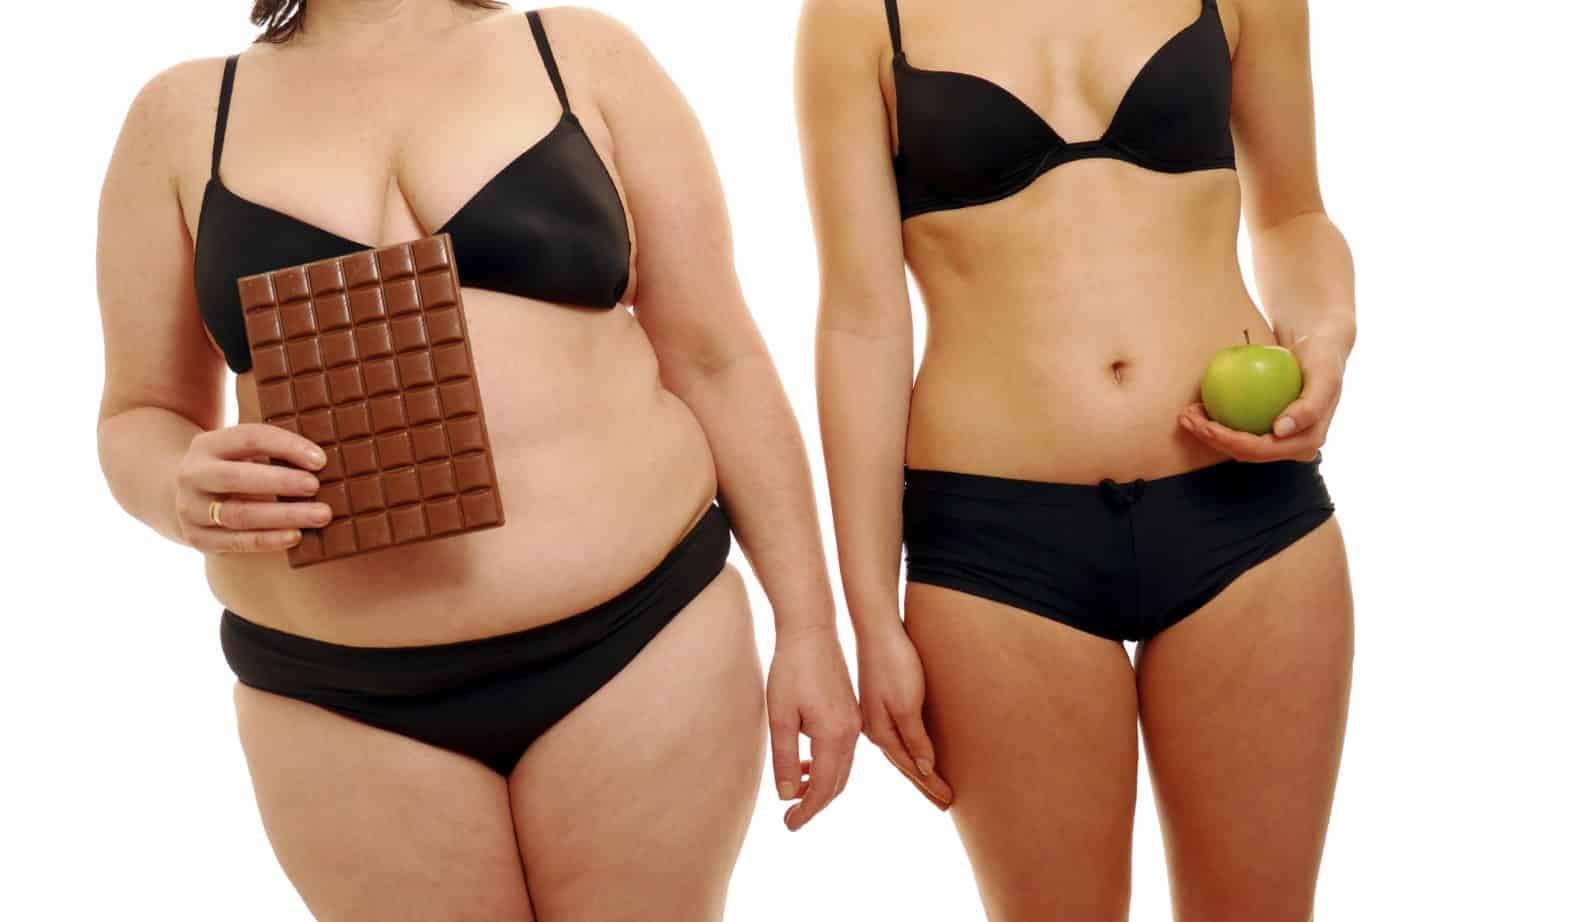 Подскажите самый эффективный способ похудеть